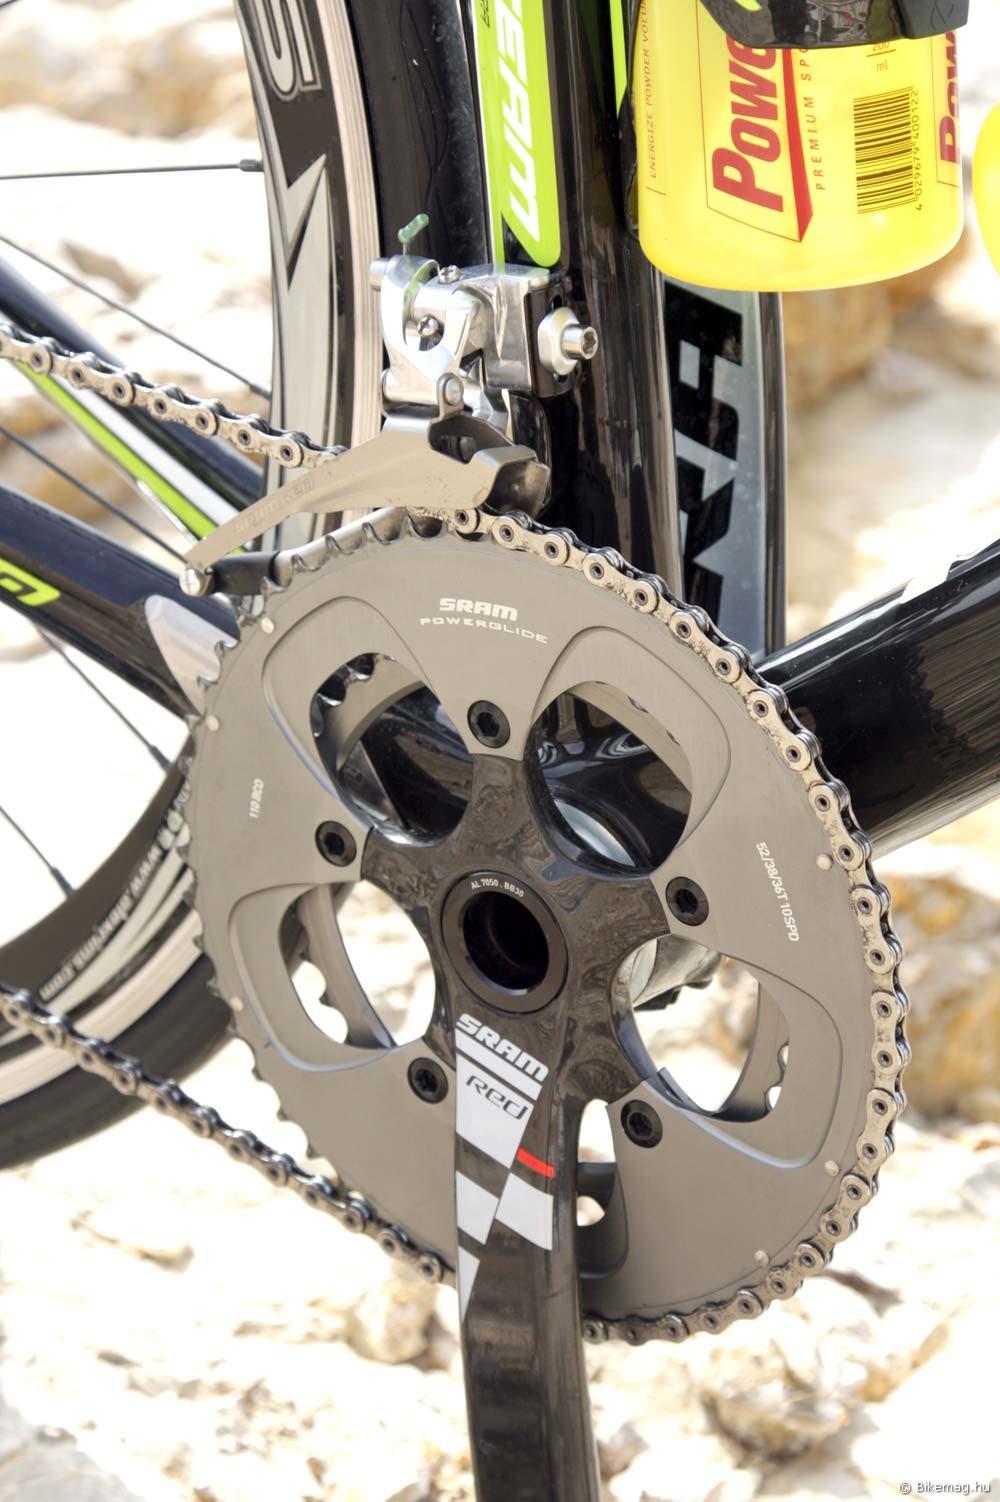 Merida Reacto Team 2012 kerékpárteszt: SRAM Red mindenhol